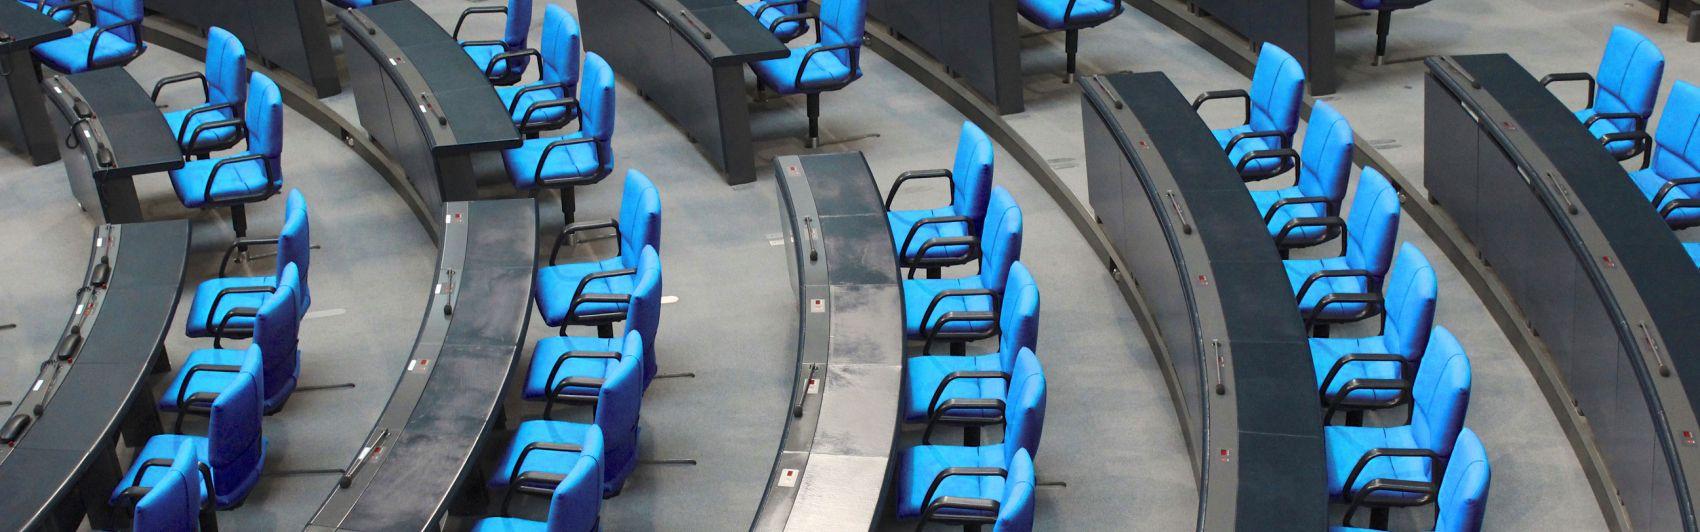 Sitze und Gremien